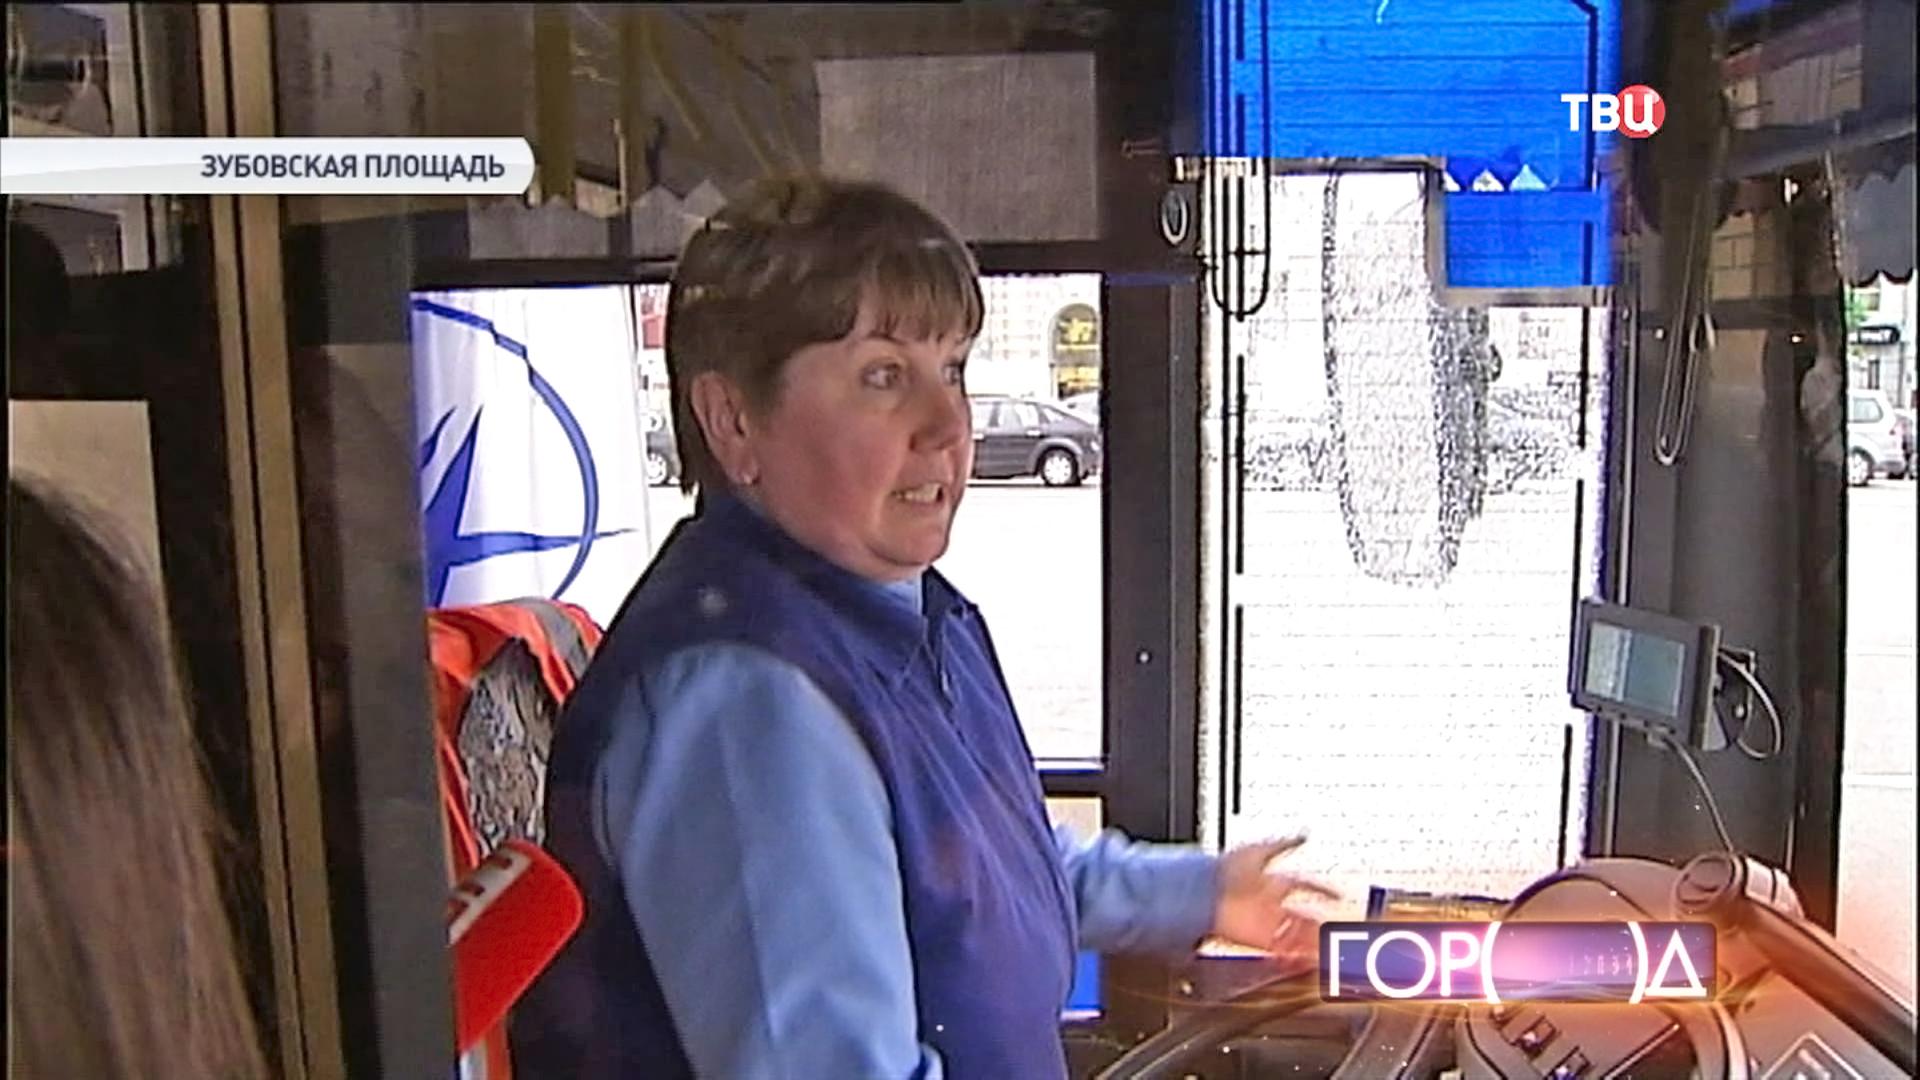 Водитель троллейбуса